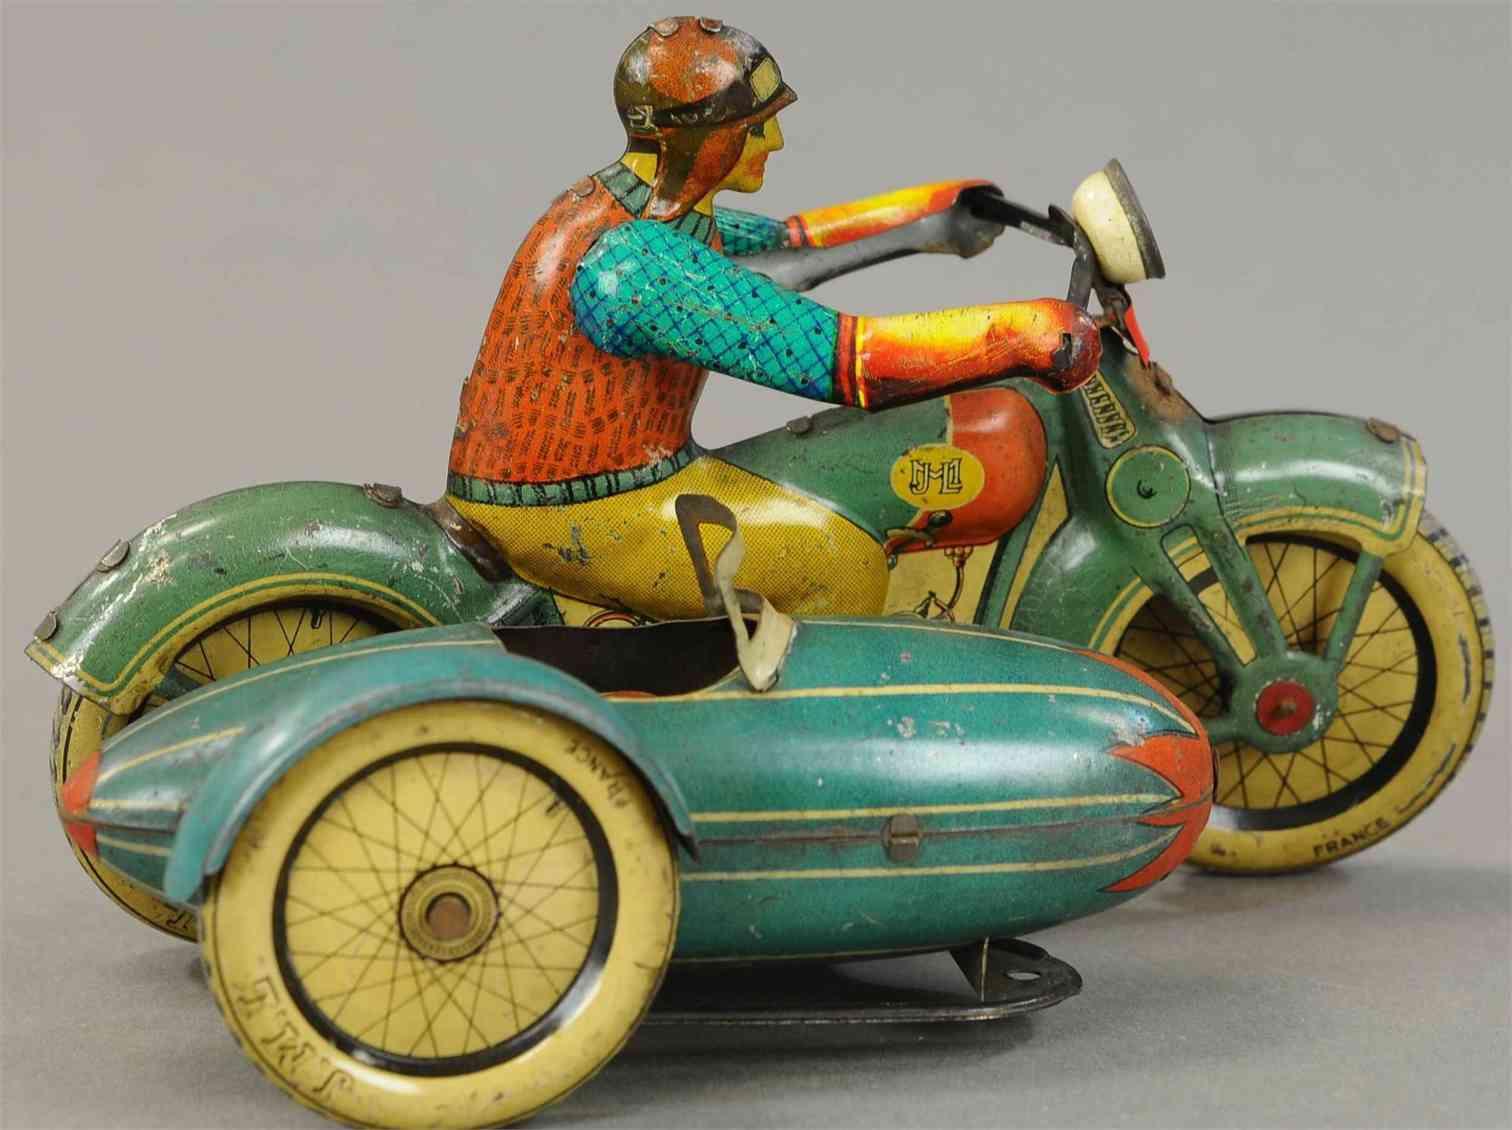 j.m.l. co blech spielzeug motorrad mit torpedo beiwagen uhrwerk